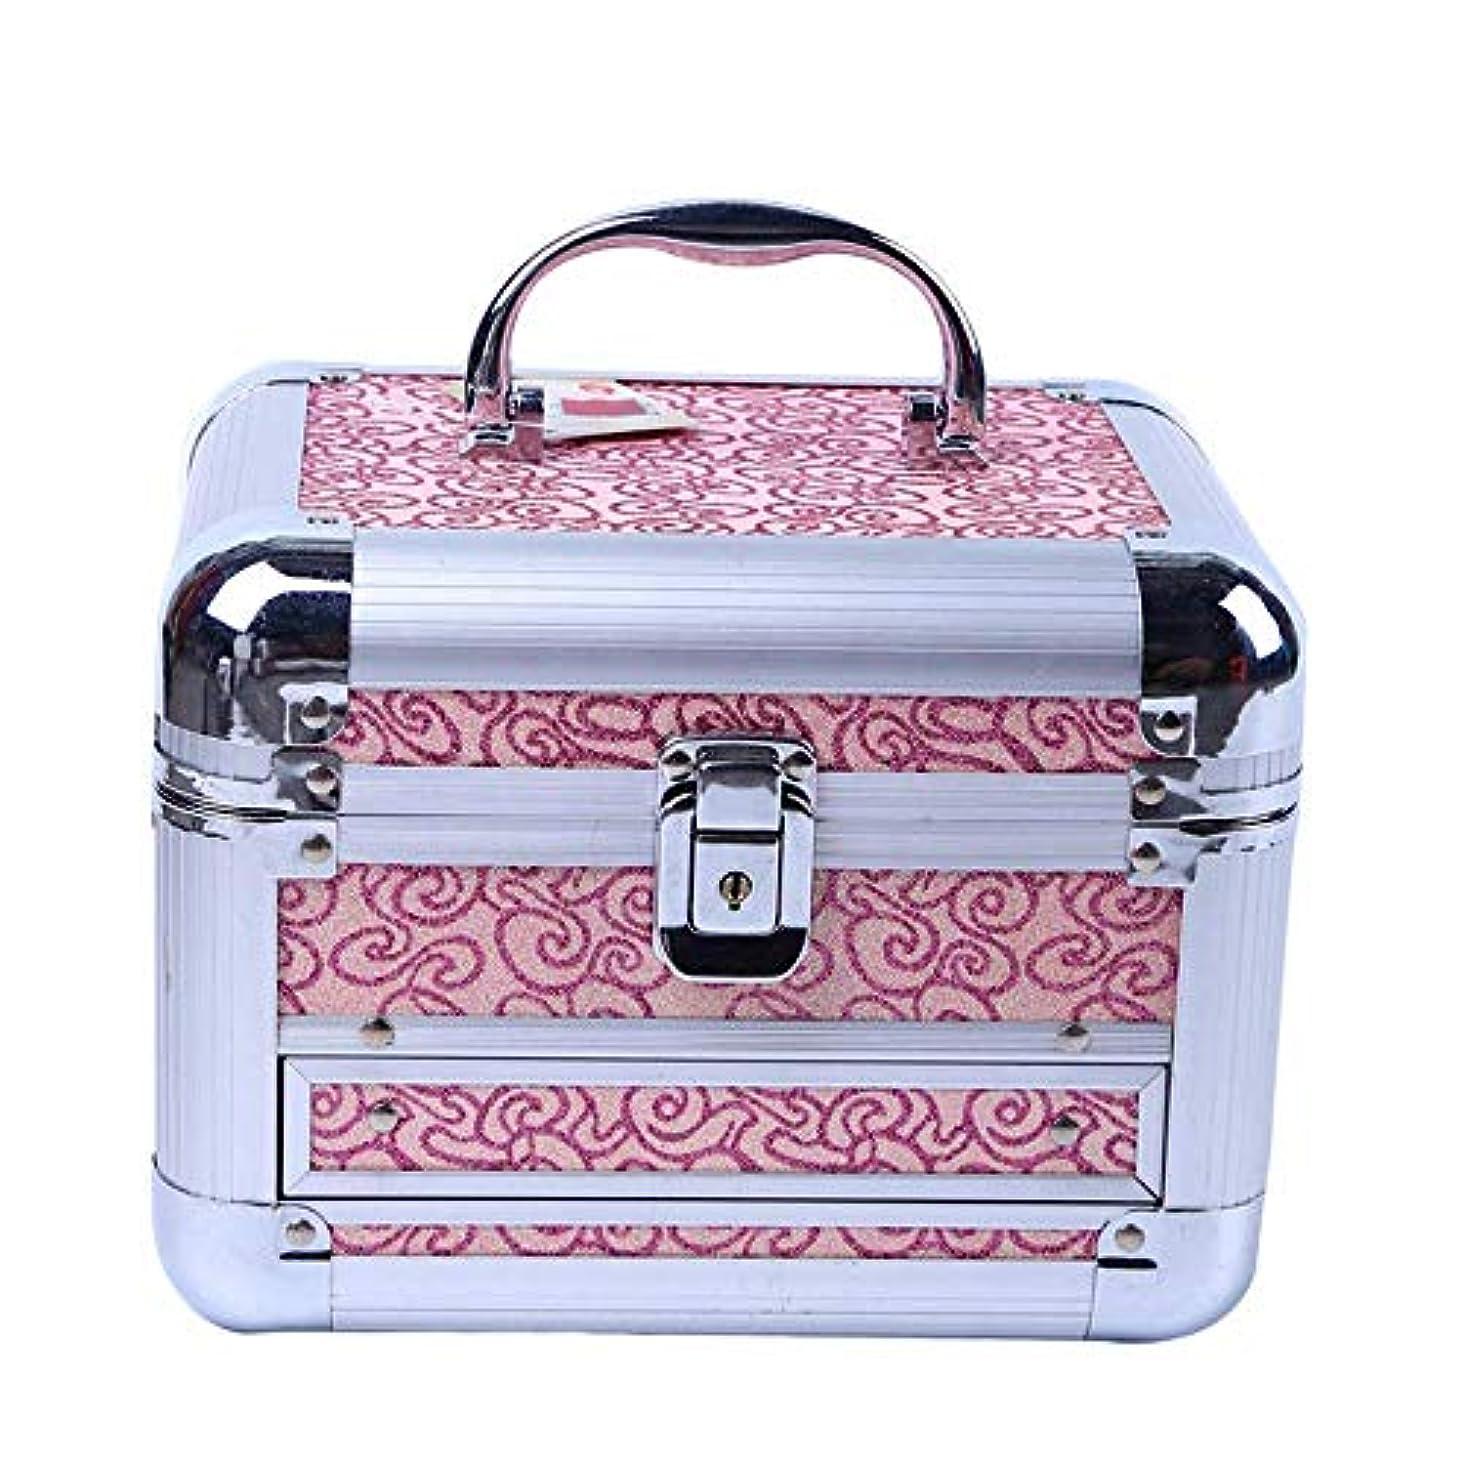 聡明フラグラントヘルシー美容化粧品や女の子のための大容量化粧品ケース付きポータブル化粧品収納ボックス